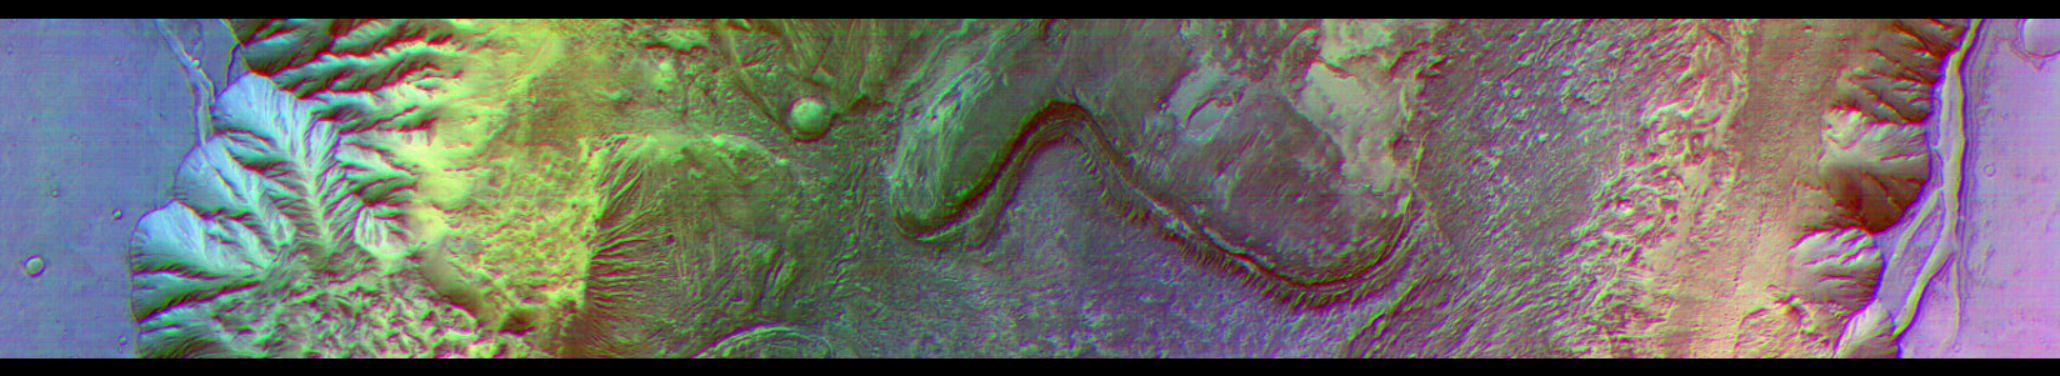 Chandor Chasma en Marte